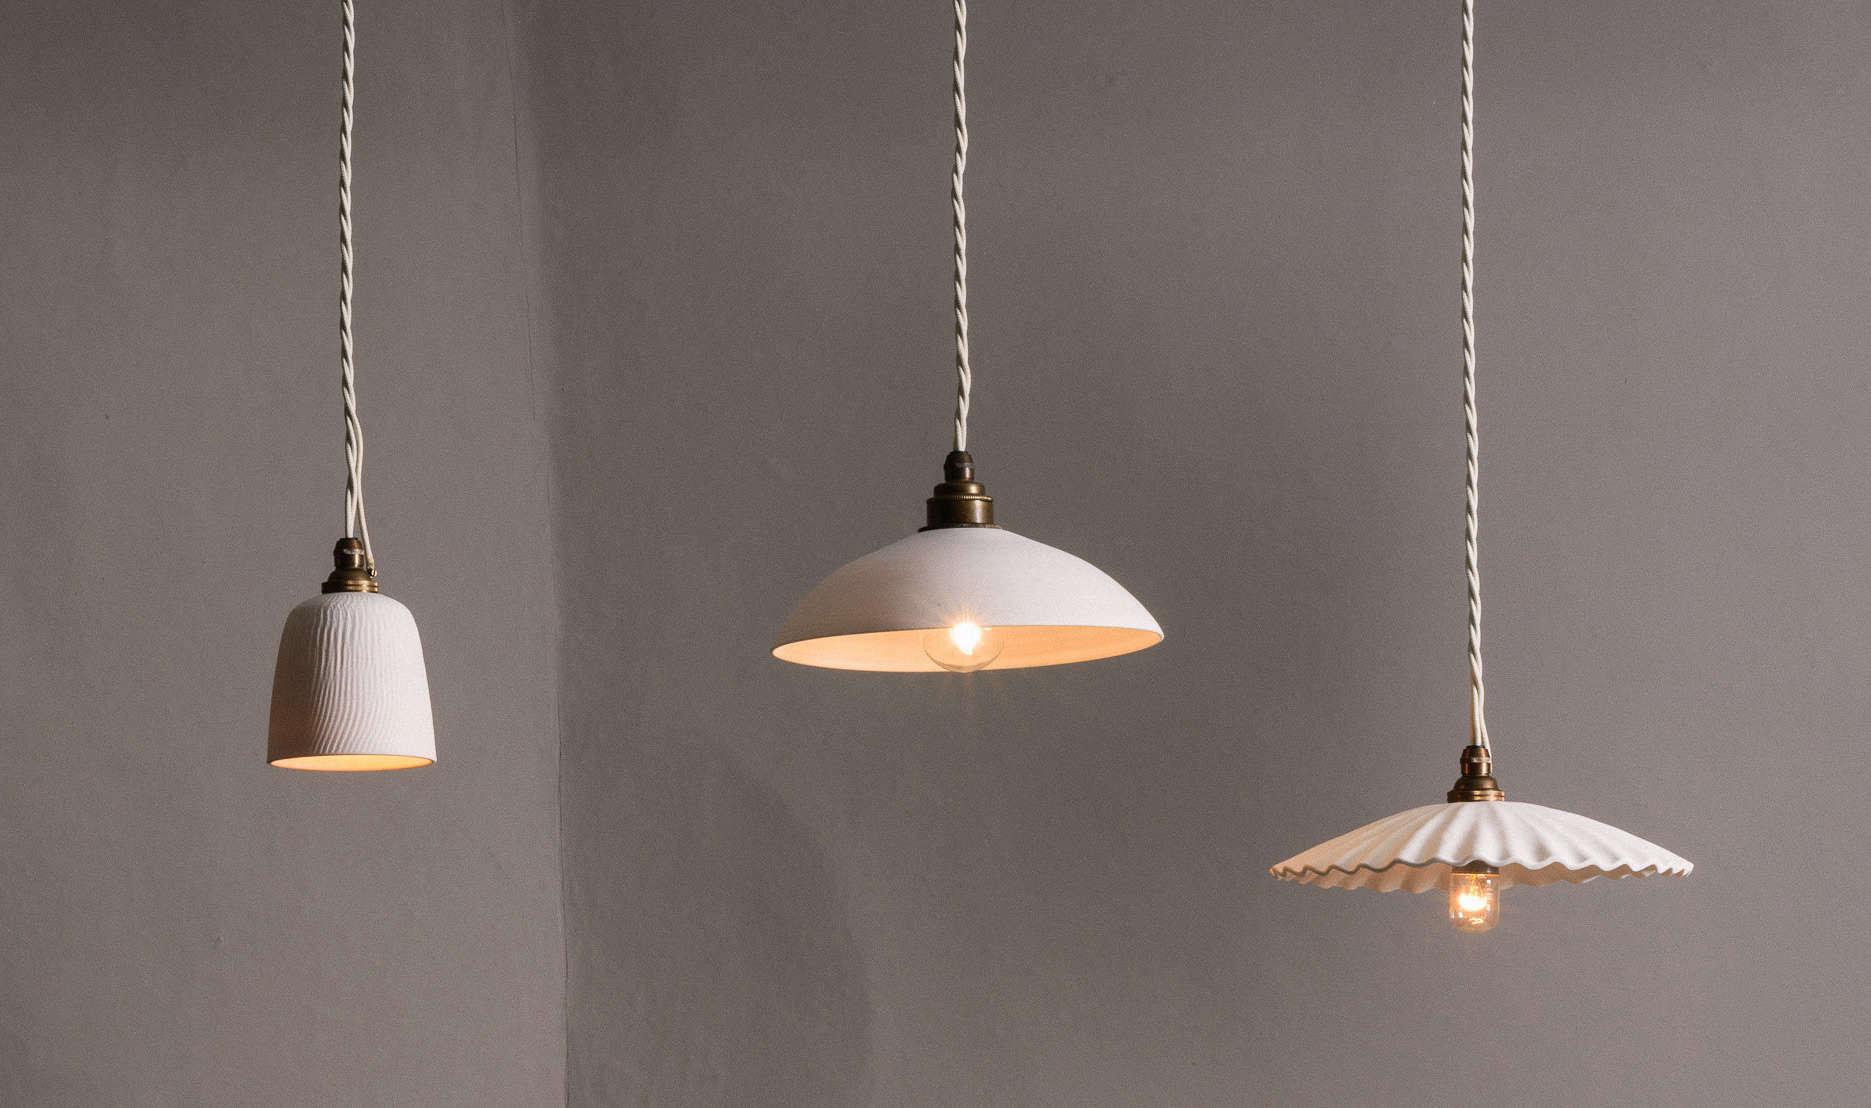 Hanging lights Kitchen lighting Porcelain pendant light Ceiling lights,special design lighting fixture Pendant lighting.Pendant lights